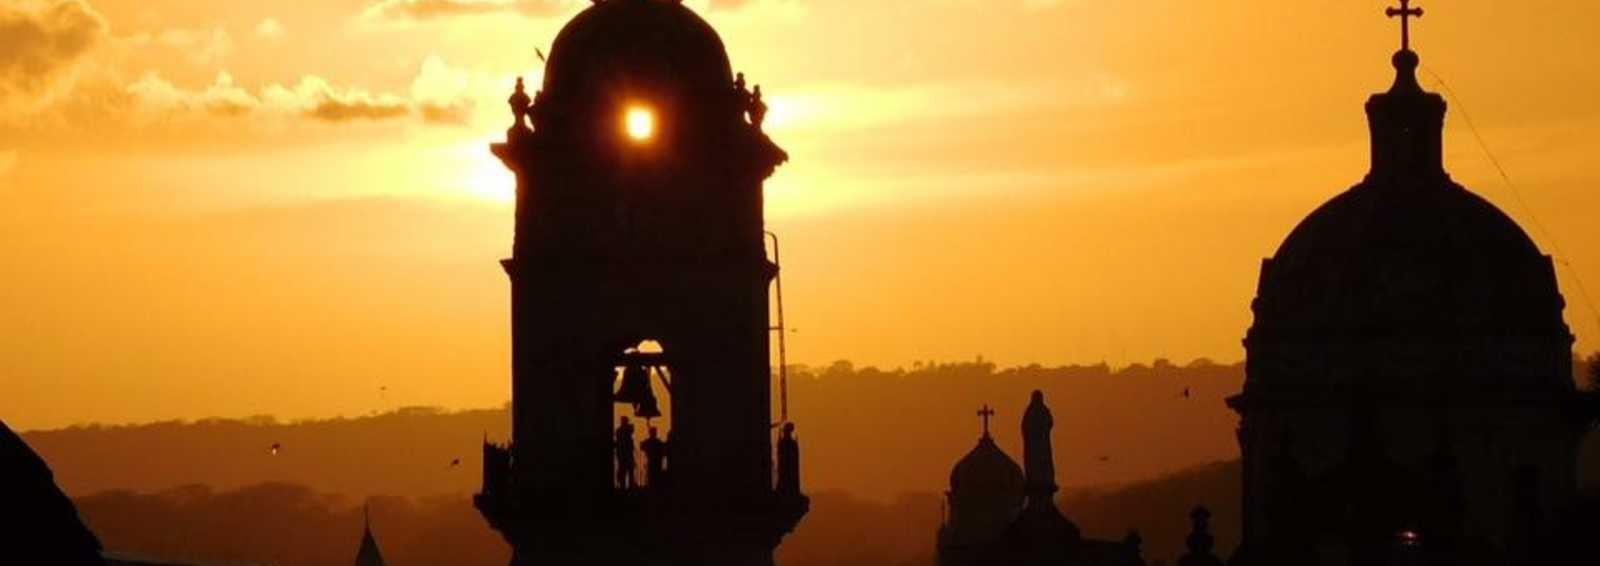 Granada at Sunset